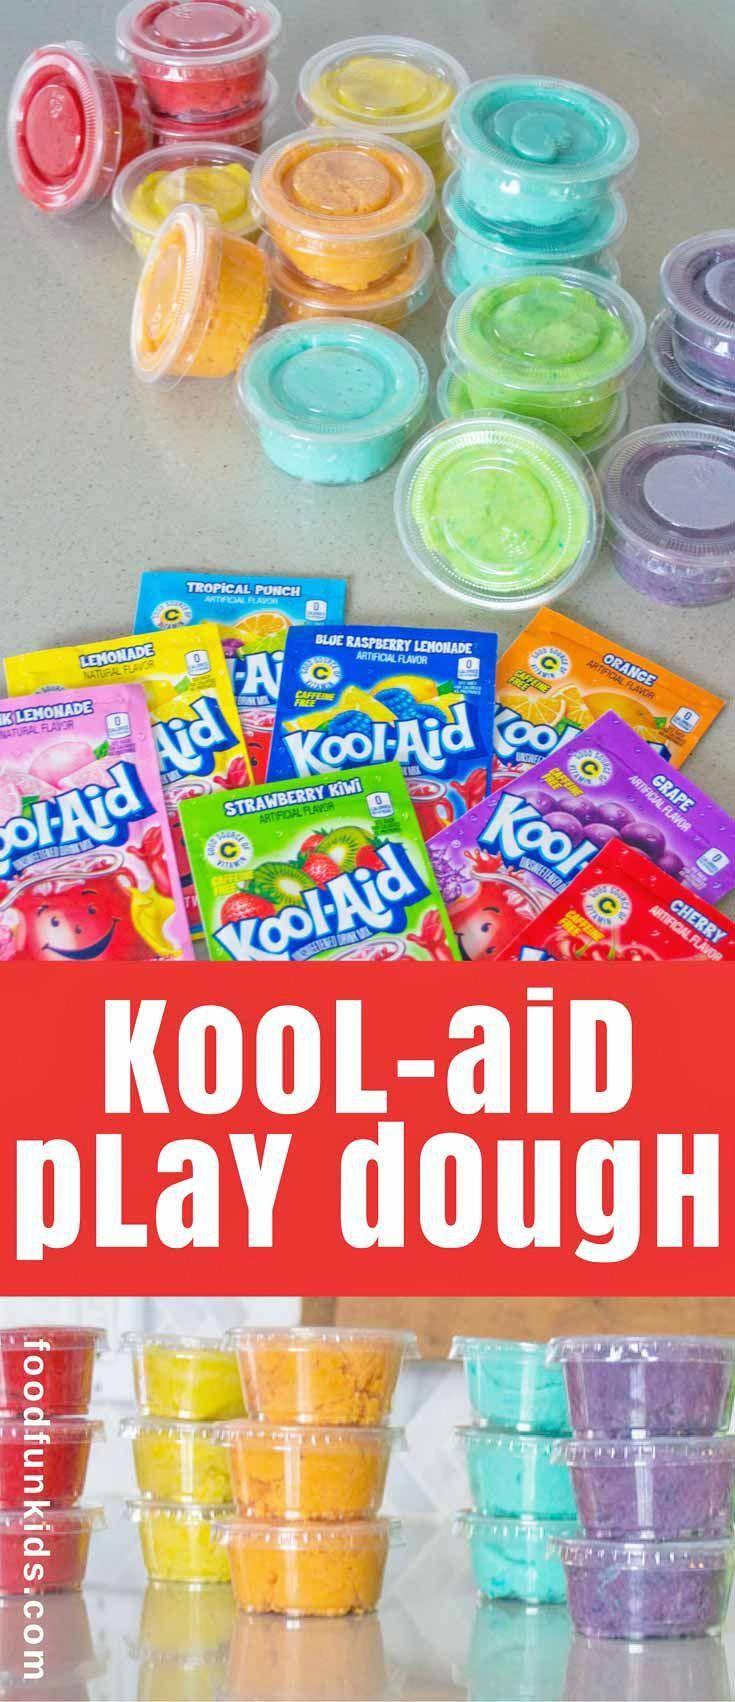 Dieses Playdough-Rezept mit Kool-Aid ist ein weiterer Spaß, den man mit den Kindern machen kann. Es ist …